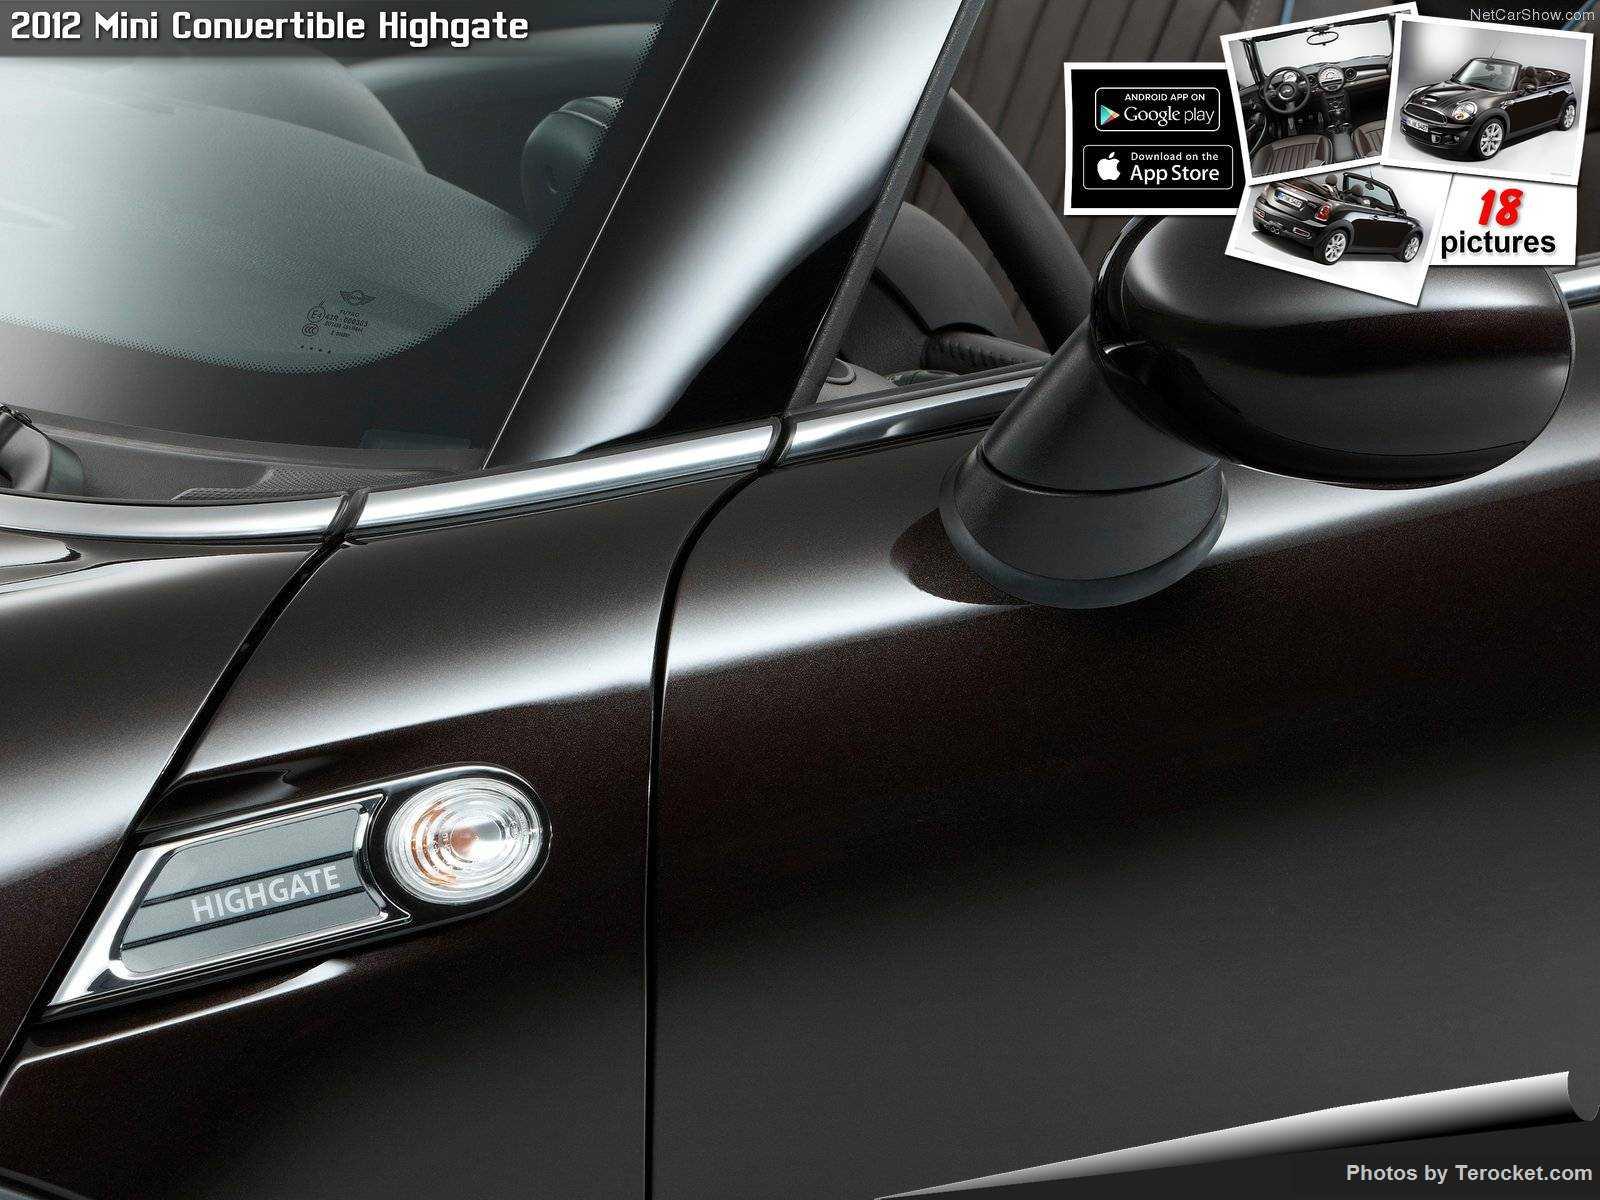 Hình ảnh xe ô tô Mini Convertible Highgate 2012 & nội ngoại thất